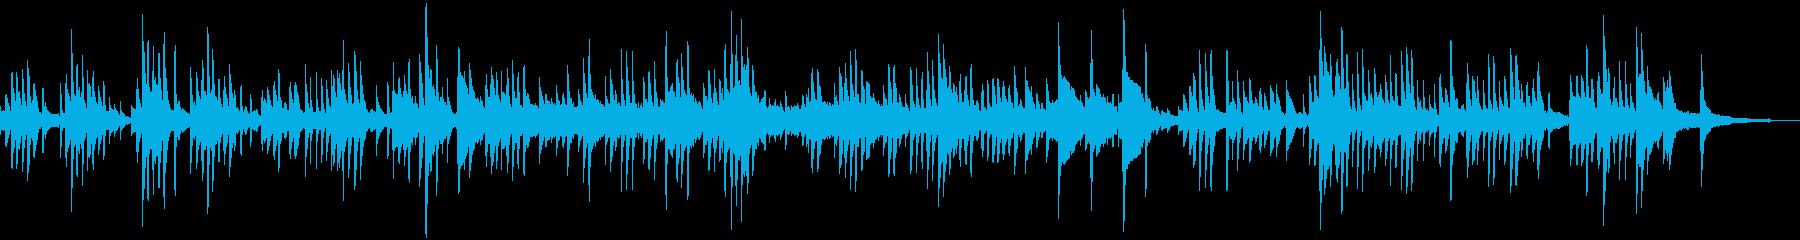 静かで神秘的なイメージBGMです。メデ…の再生済みの波形